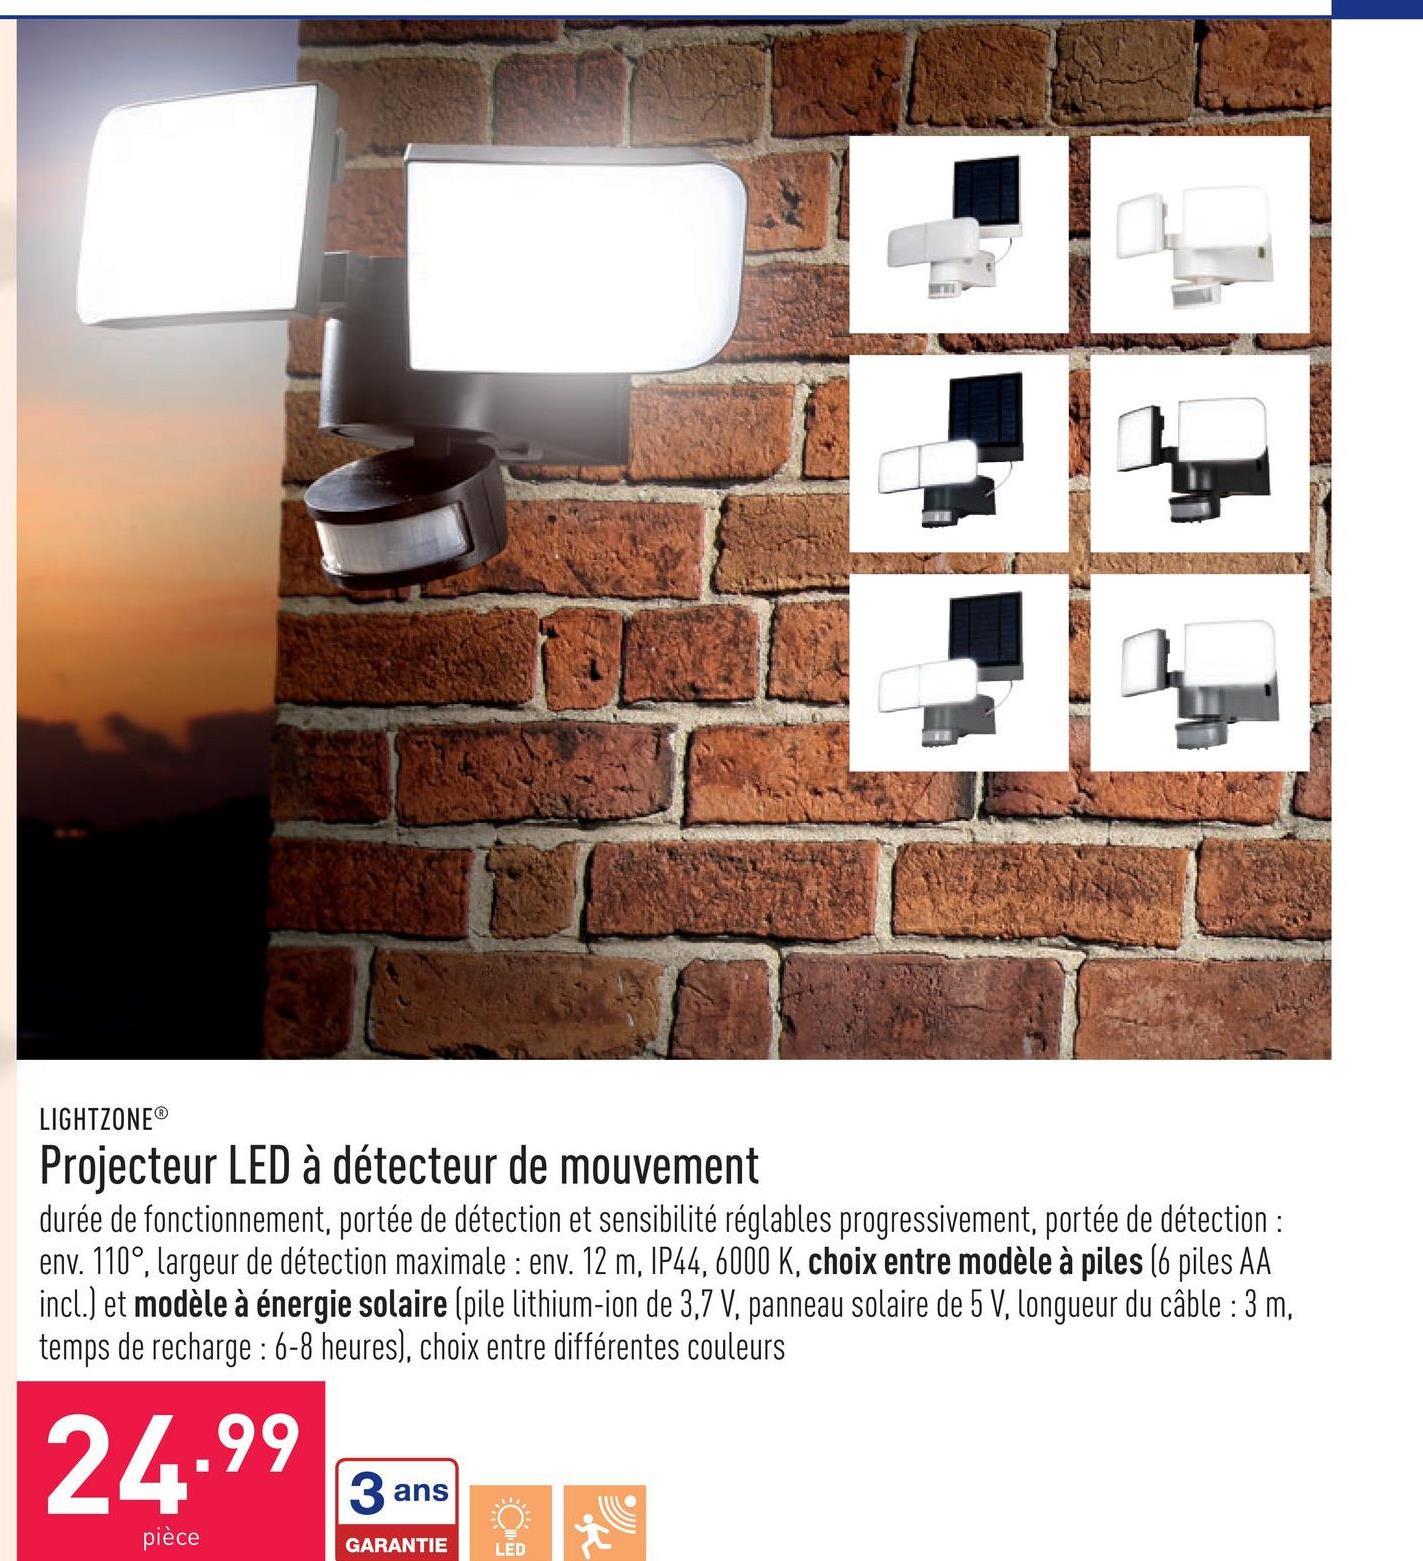 Projecteur LED à détecteur de mouvement durée de fonctionnement, portée de détection et sensibilité réglables progressivement, portée de détection : env. 110°, largeur de détection maximale : env. 12 m, IP44, 6000 K, choix entre modèle à piles (6 piles AA incl.) et modèle à énergie solaire (pile lithium-ion de 3,7 V, panneau solaire de 5 V, longueur du câble : 3 m, temps de recharge : 6-8 heures), choix entre différentes couleurs